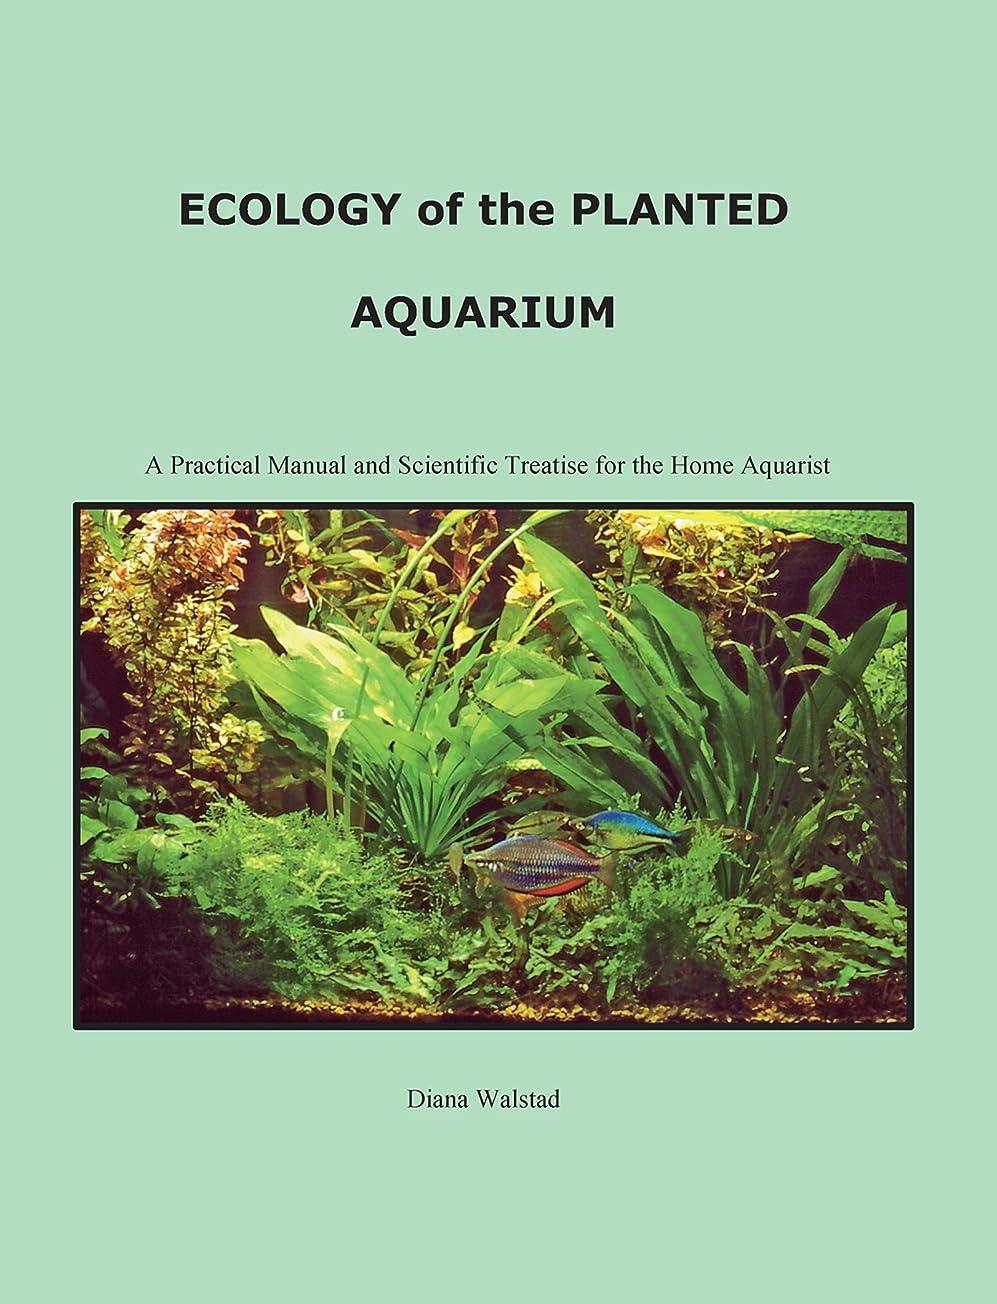 起きて改修傷つけるEcology of the Planted Aquarium: A Practical Manual and Scientific Treatise (English Edition)